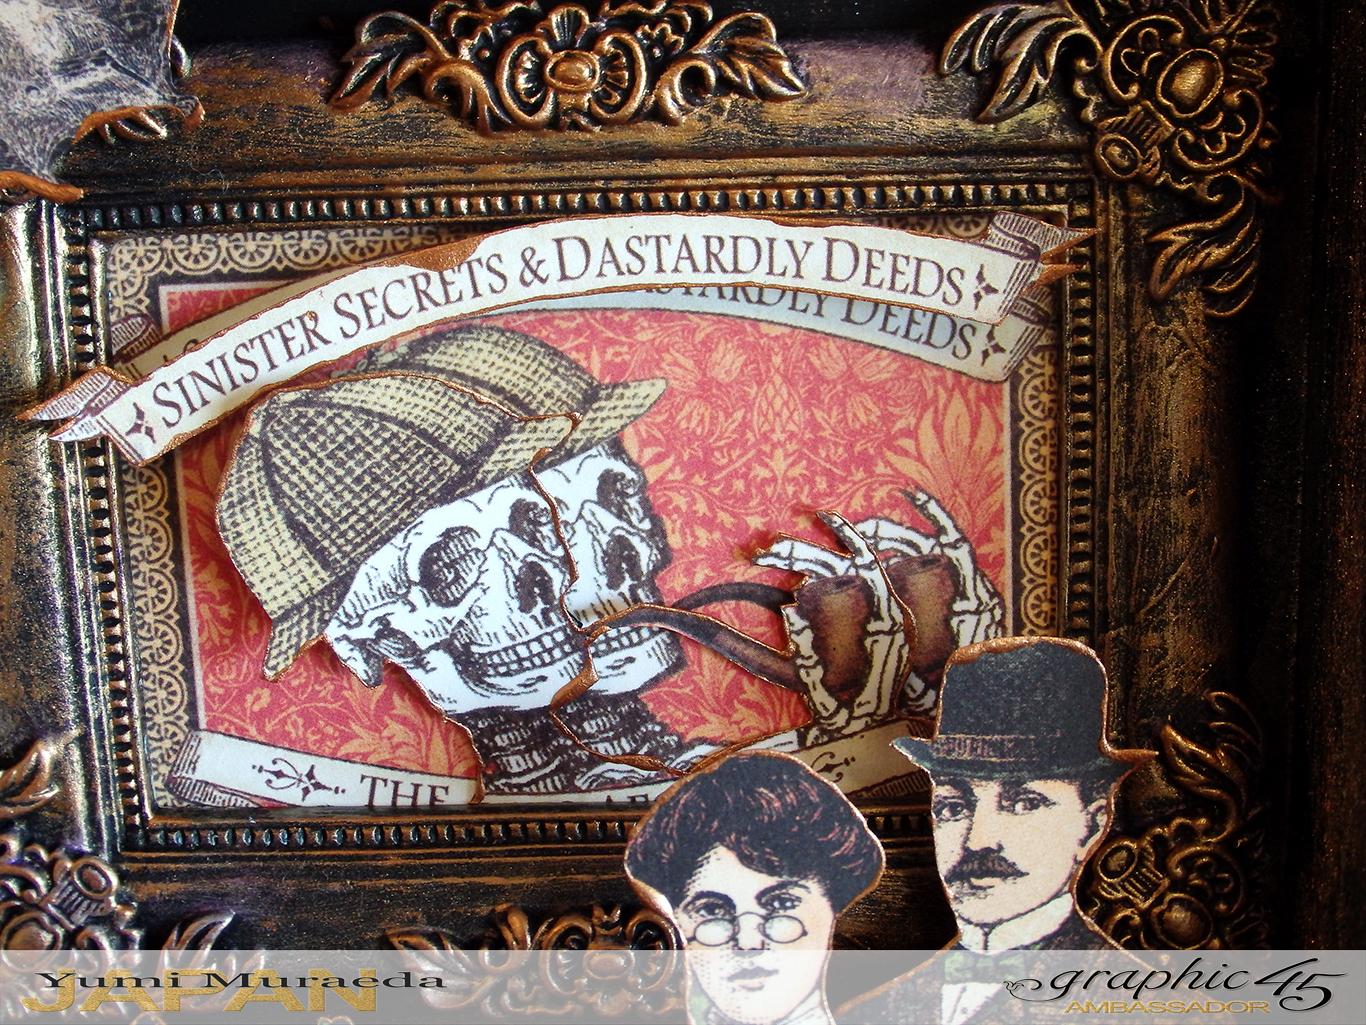 11yuyu3MasterdetactiveSecretRoomdesignbyYumiMuraedaProductByGraphic45.jpg